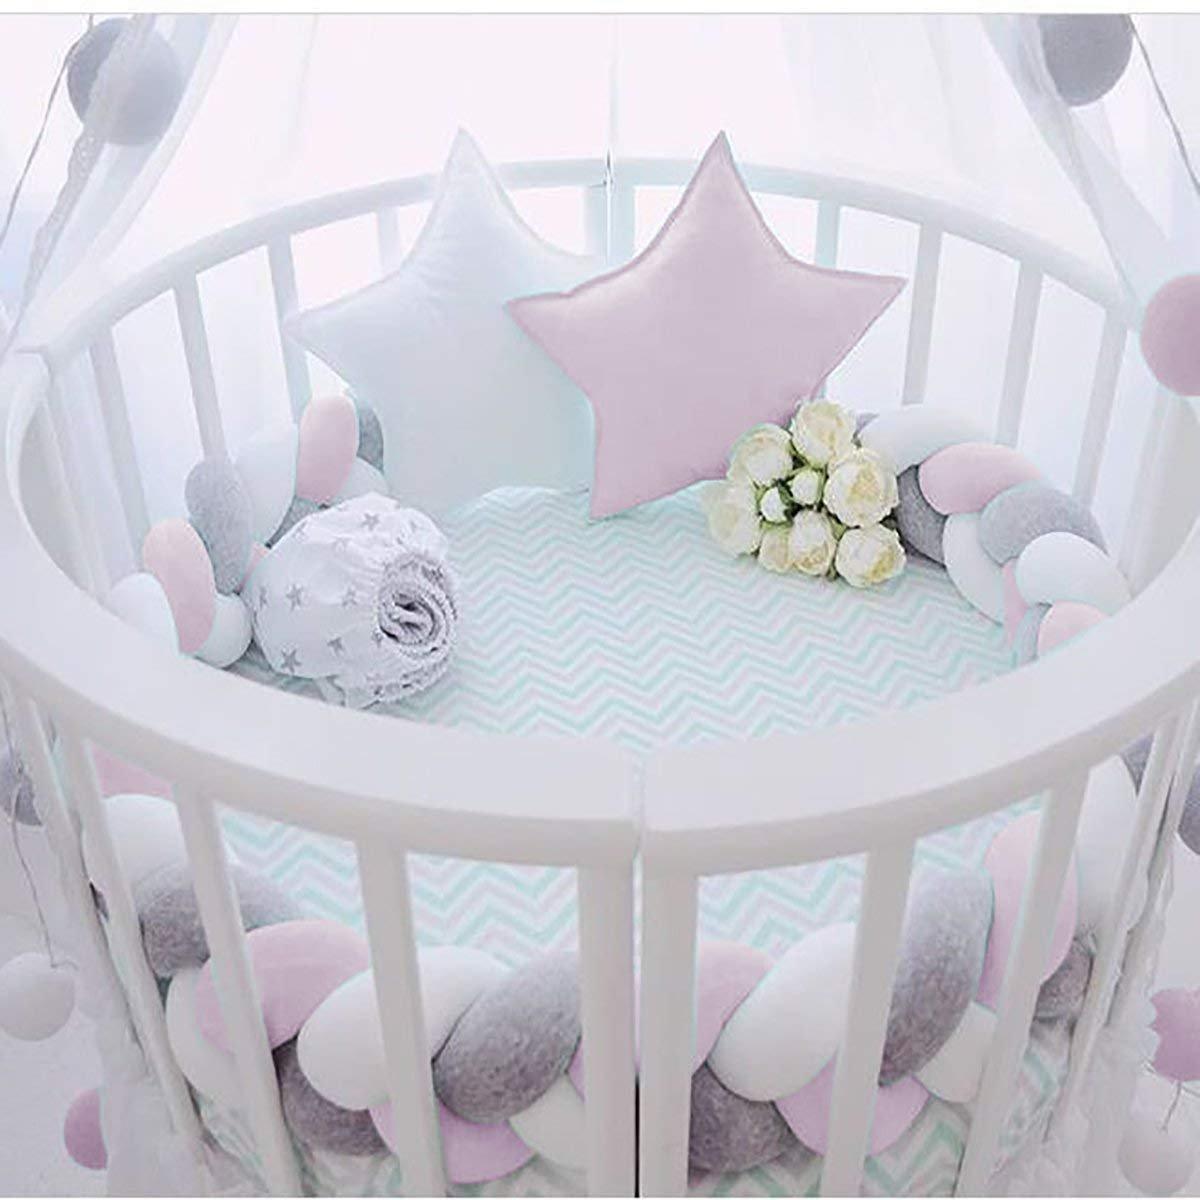 Bettumrandung Babybett L/änge 2M Baby Nestchen Bettumrandung Weben Geflochtene Sto/ßf/änger Dekoration f/ür Krippe Kinderbett Wei/ß grau blau